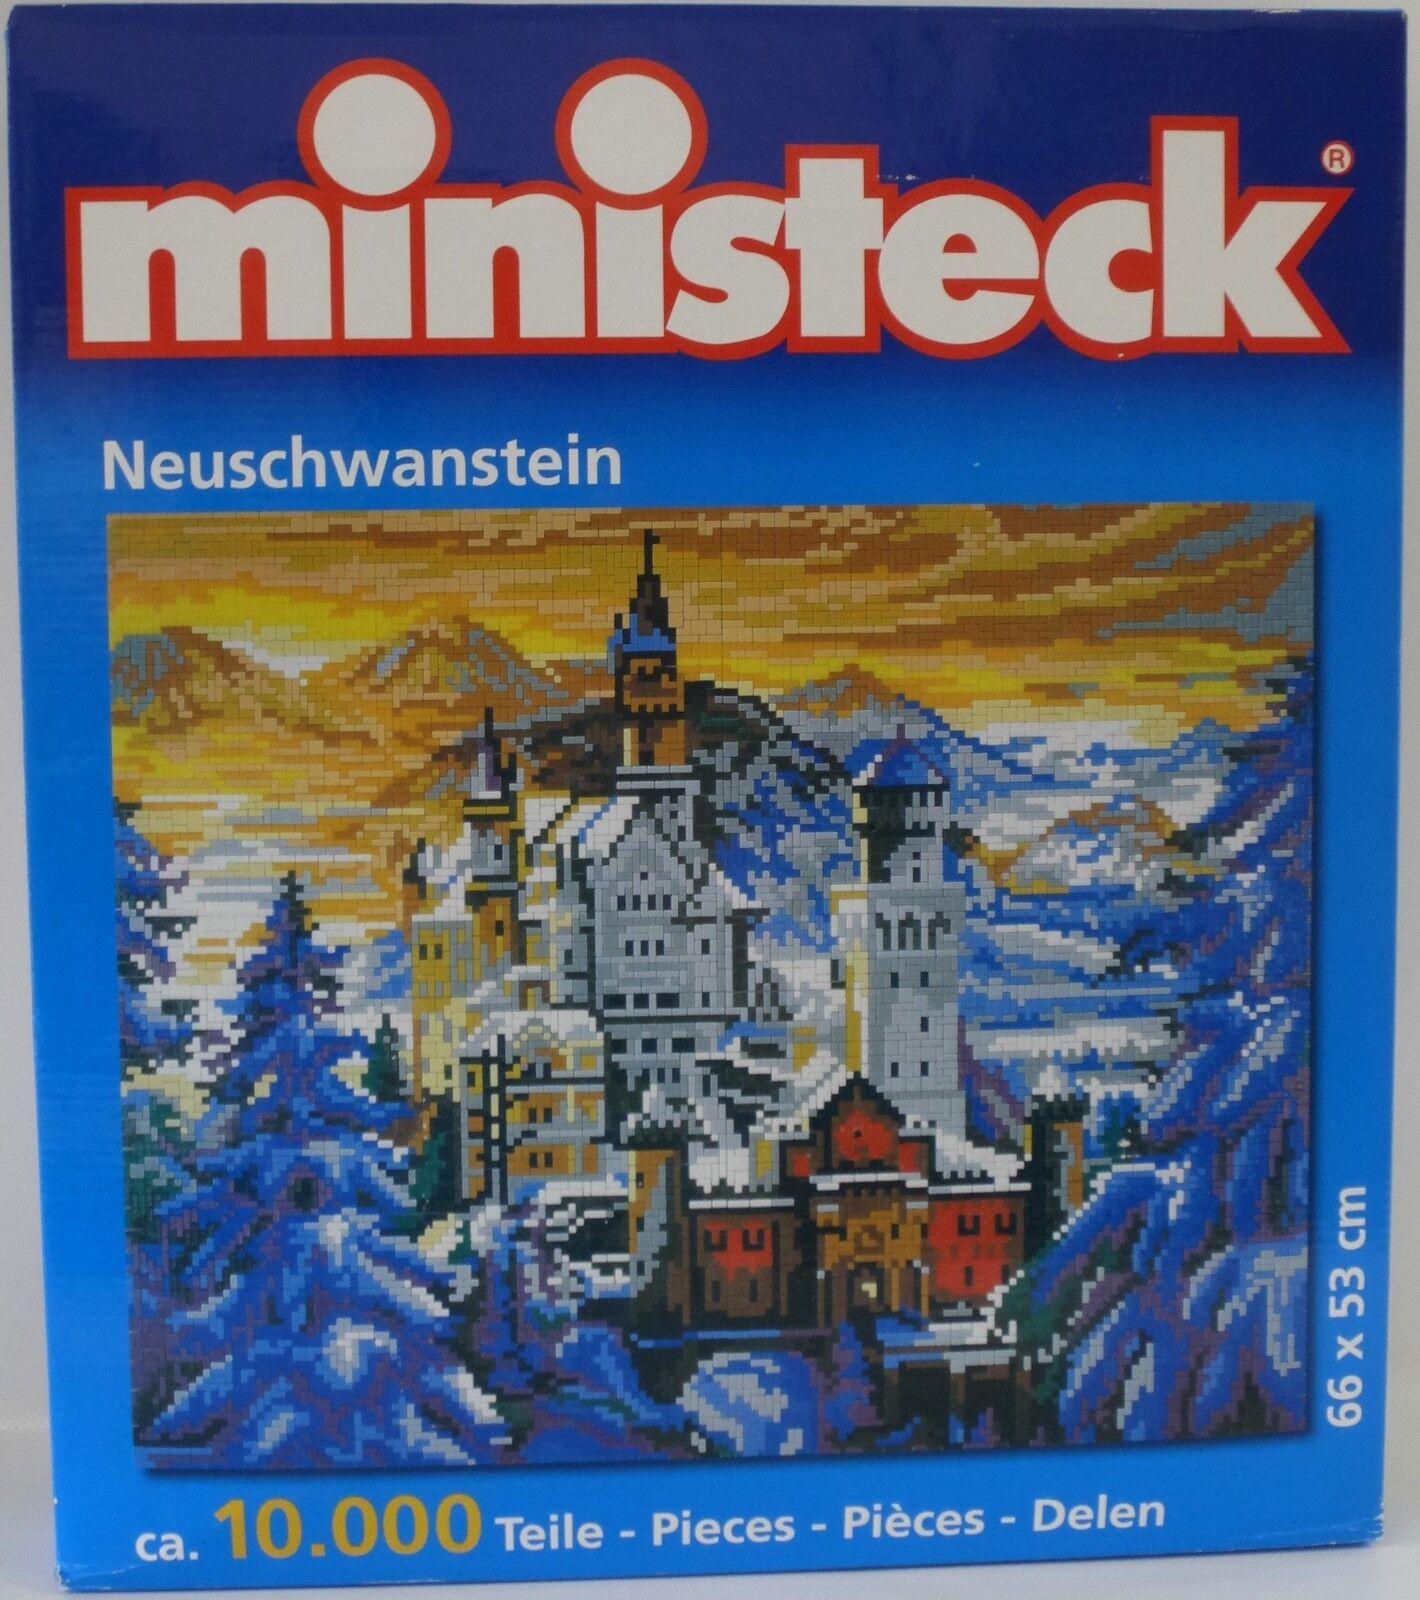 NEU ministeck 31832 Schloss Neuschwanstein ca. 10.000 Teile 66x53 cm OVP